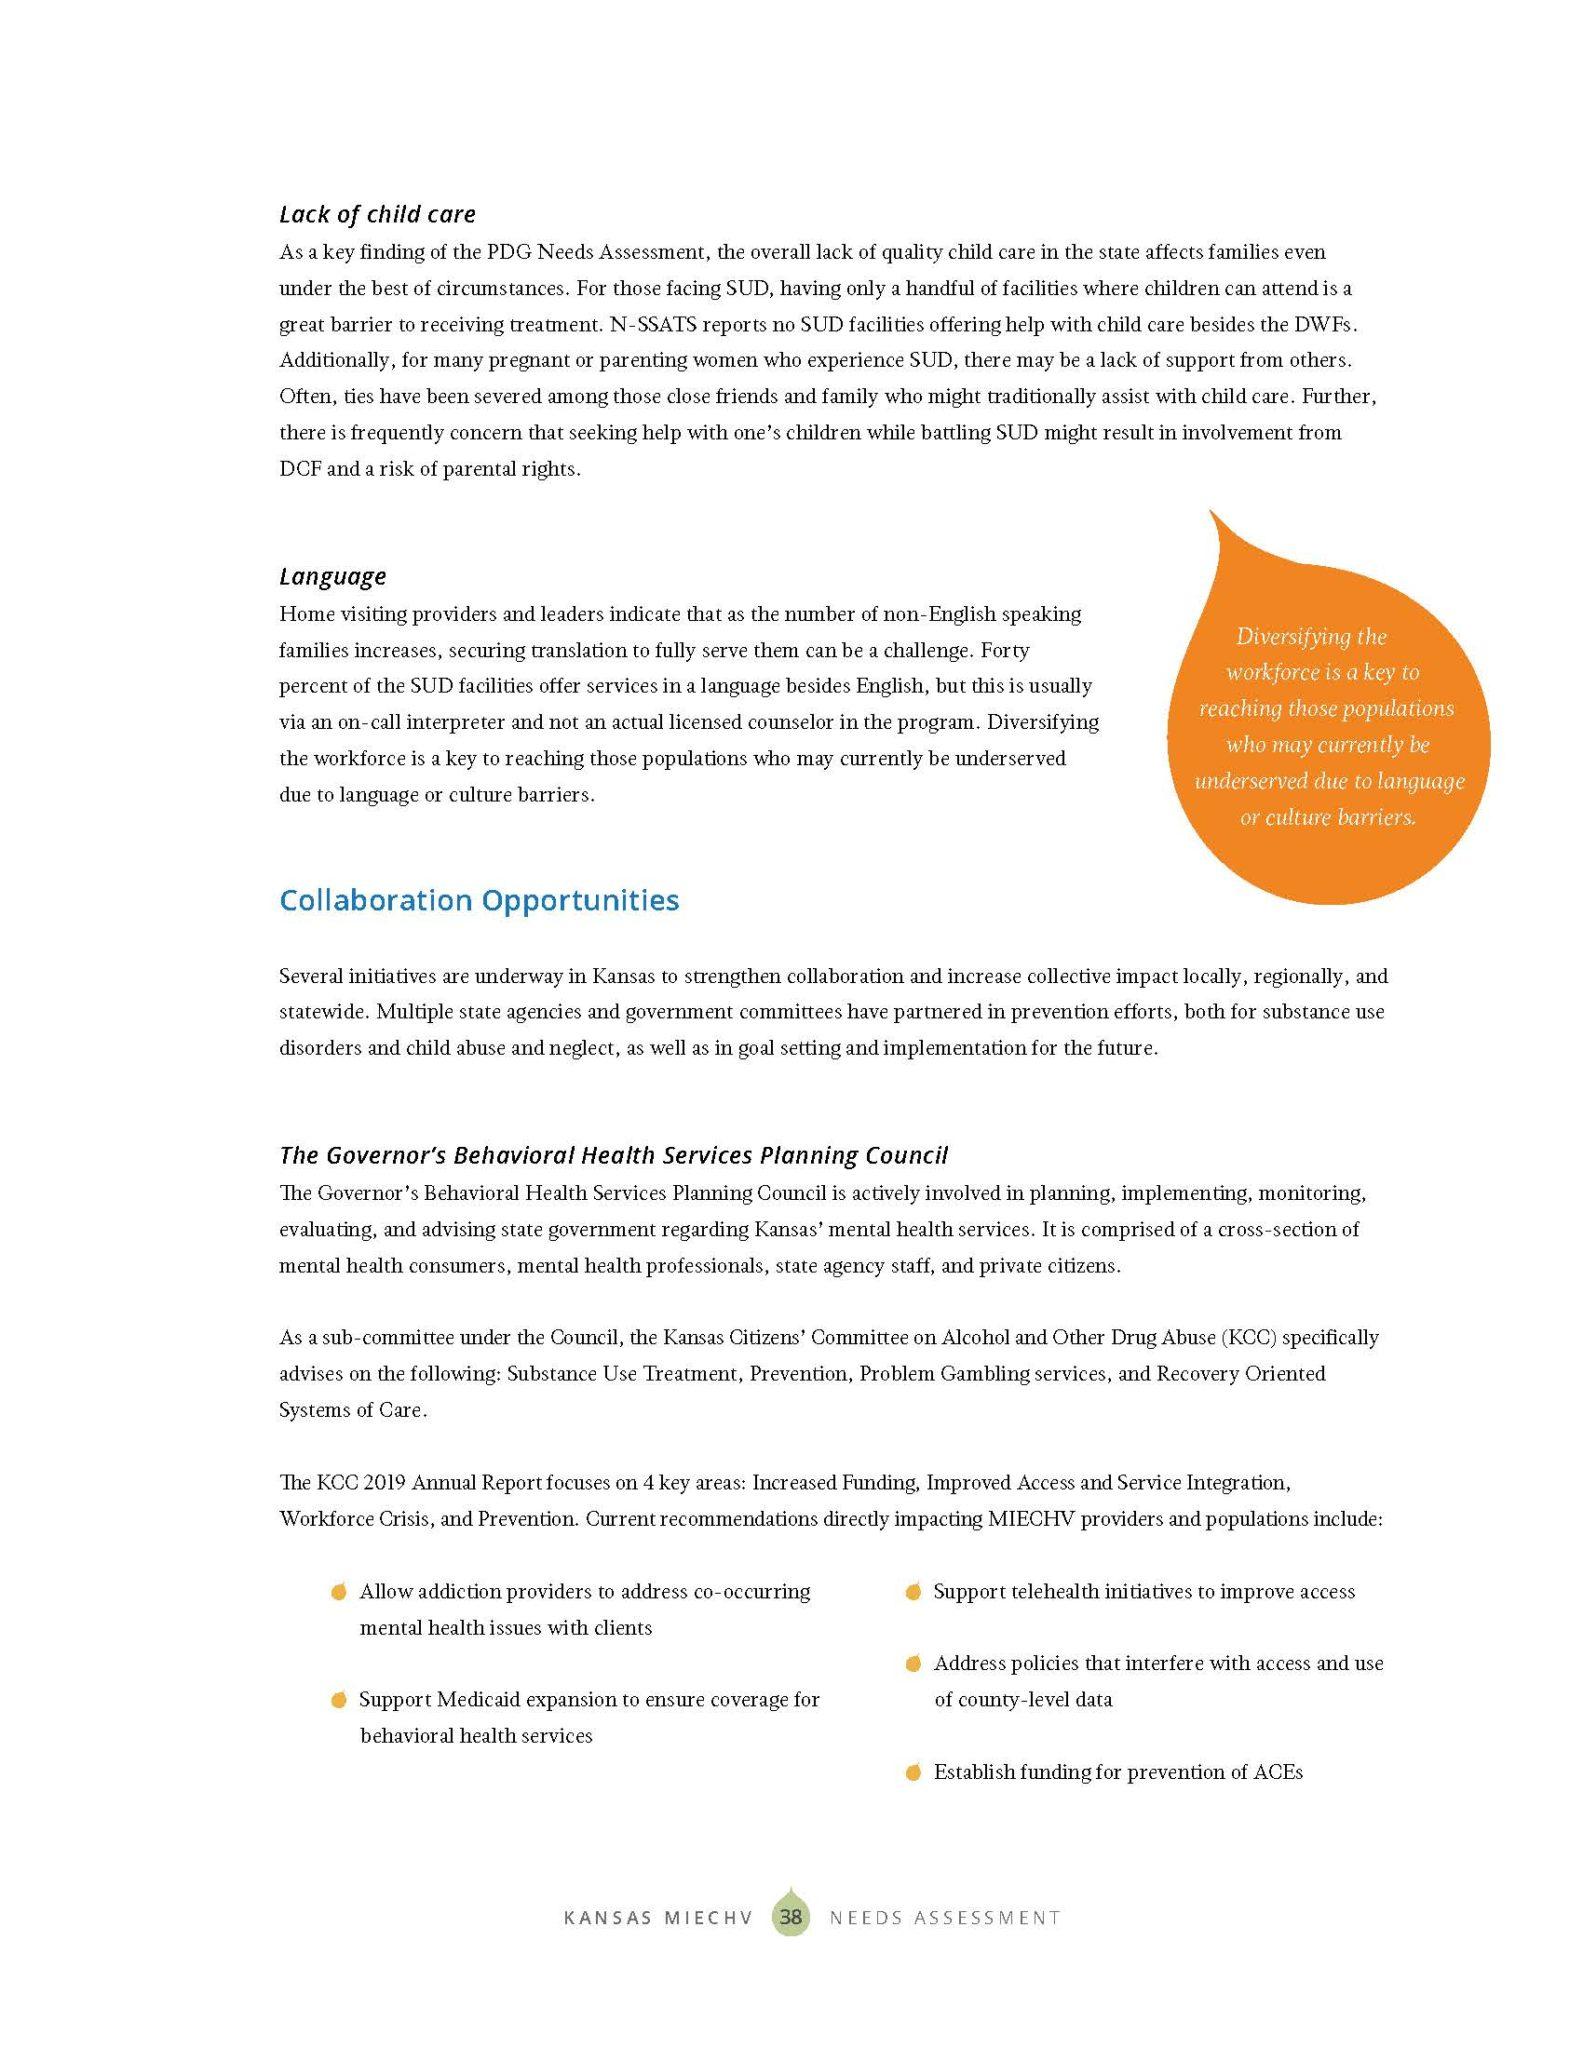 KS MIECHV 2020 Needs Assessment_DIGITAL_Page_046